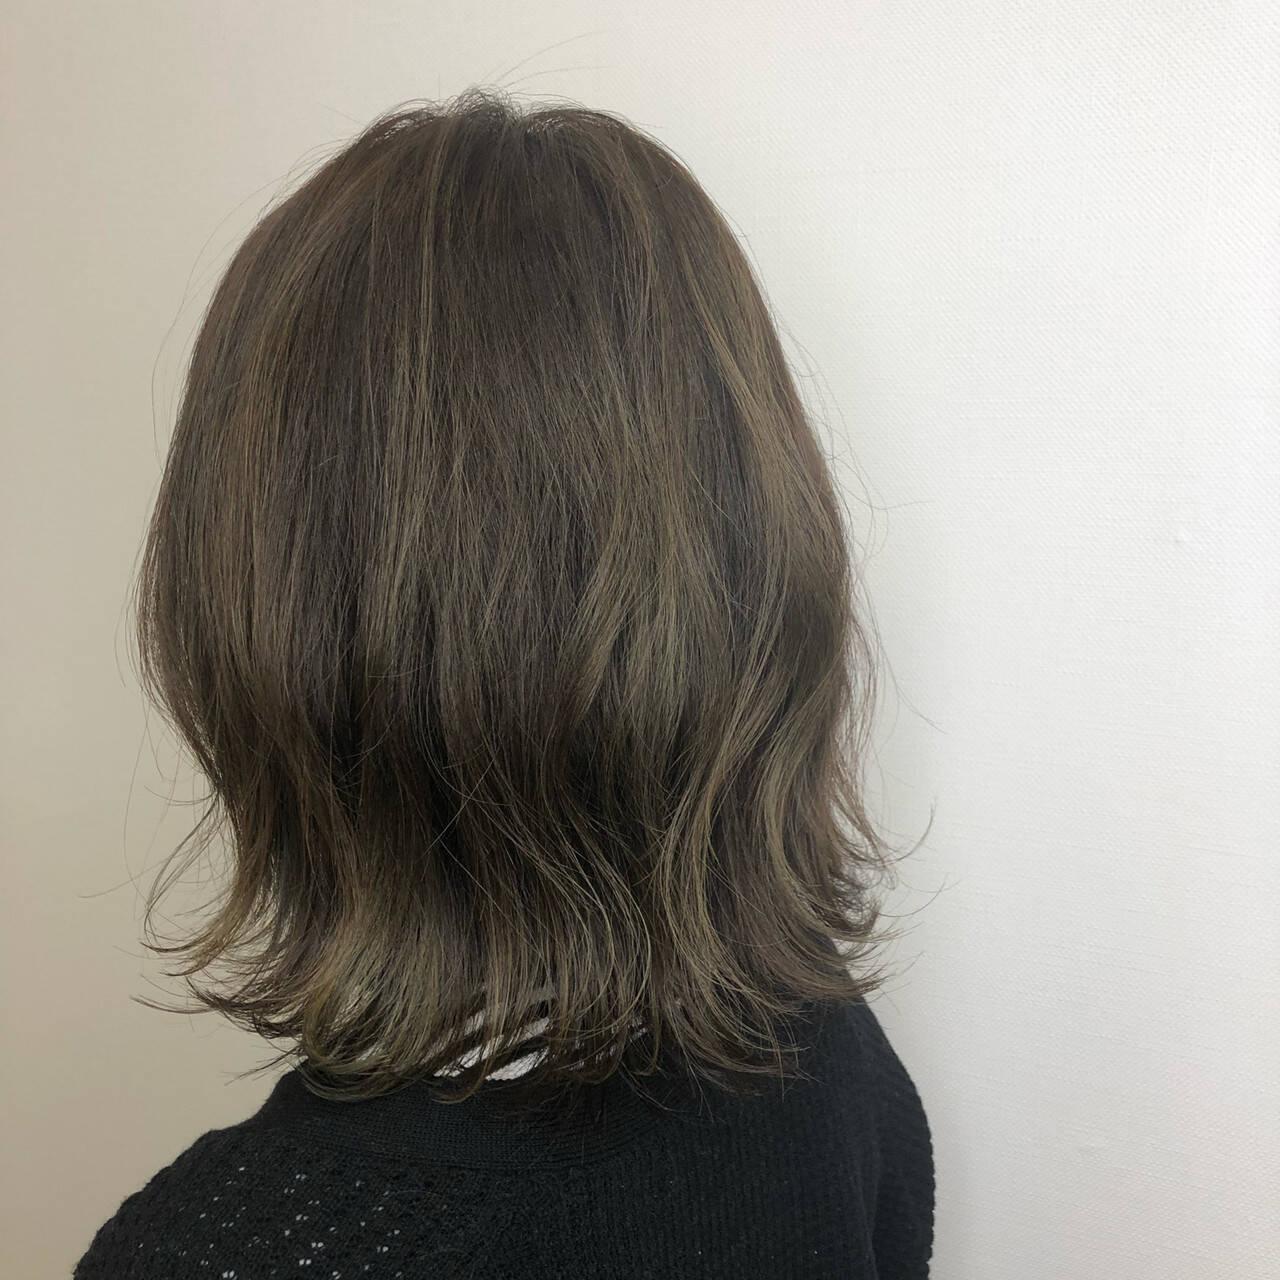 ボブ イルミナカラー 外ハネボブ ミルクティーグレージュヘアスタイルや髪型の写真・画像